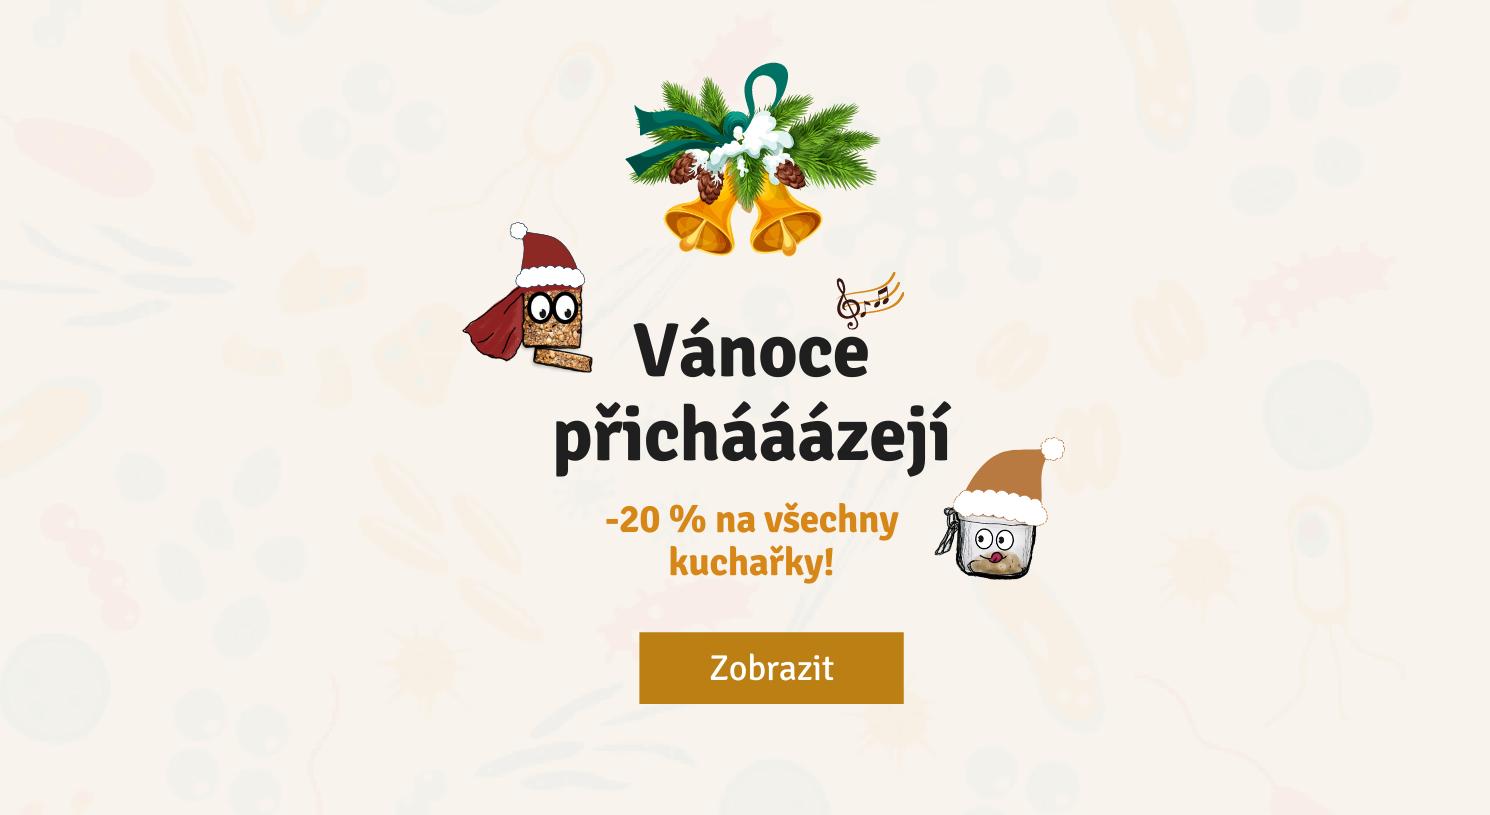 Vánoce přicházejí, -20 % na všechno